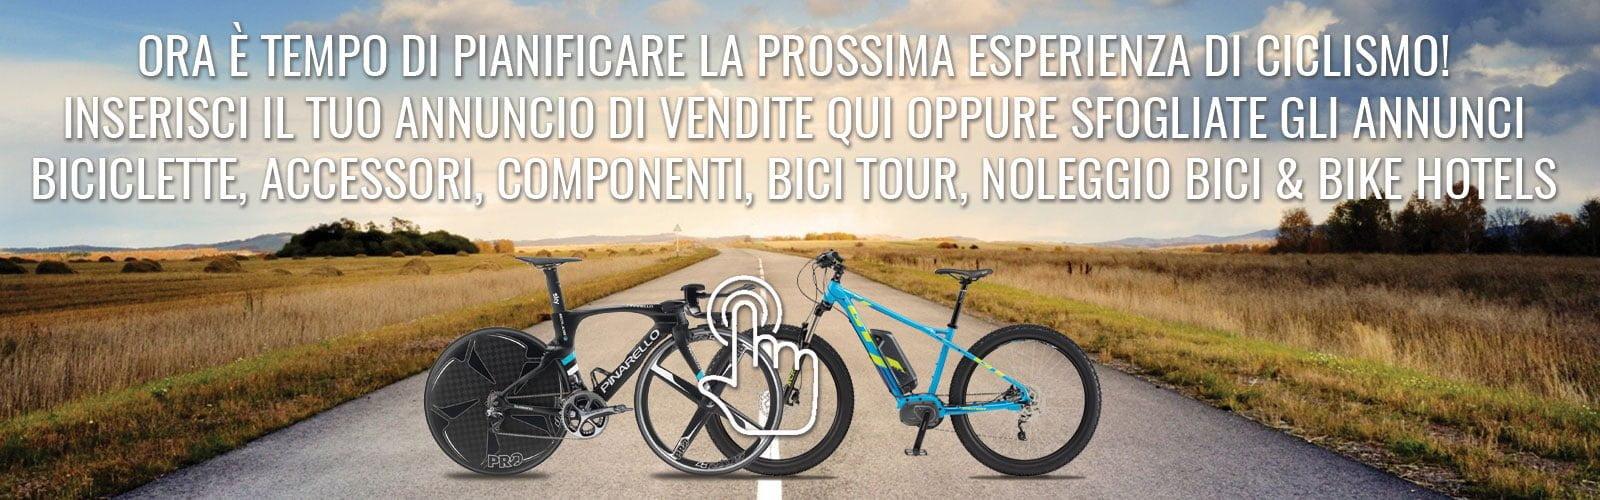 Cambiobici®: Inserisci il tuo annuncio di vendite qui oppure sfogliate gli annunci di ciclismo